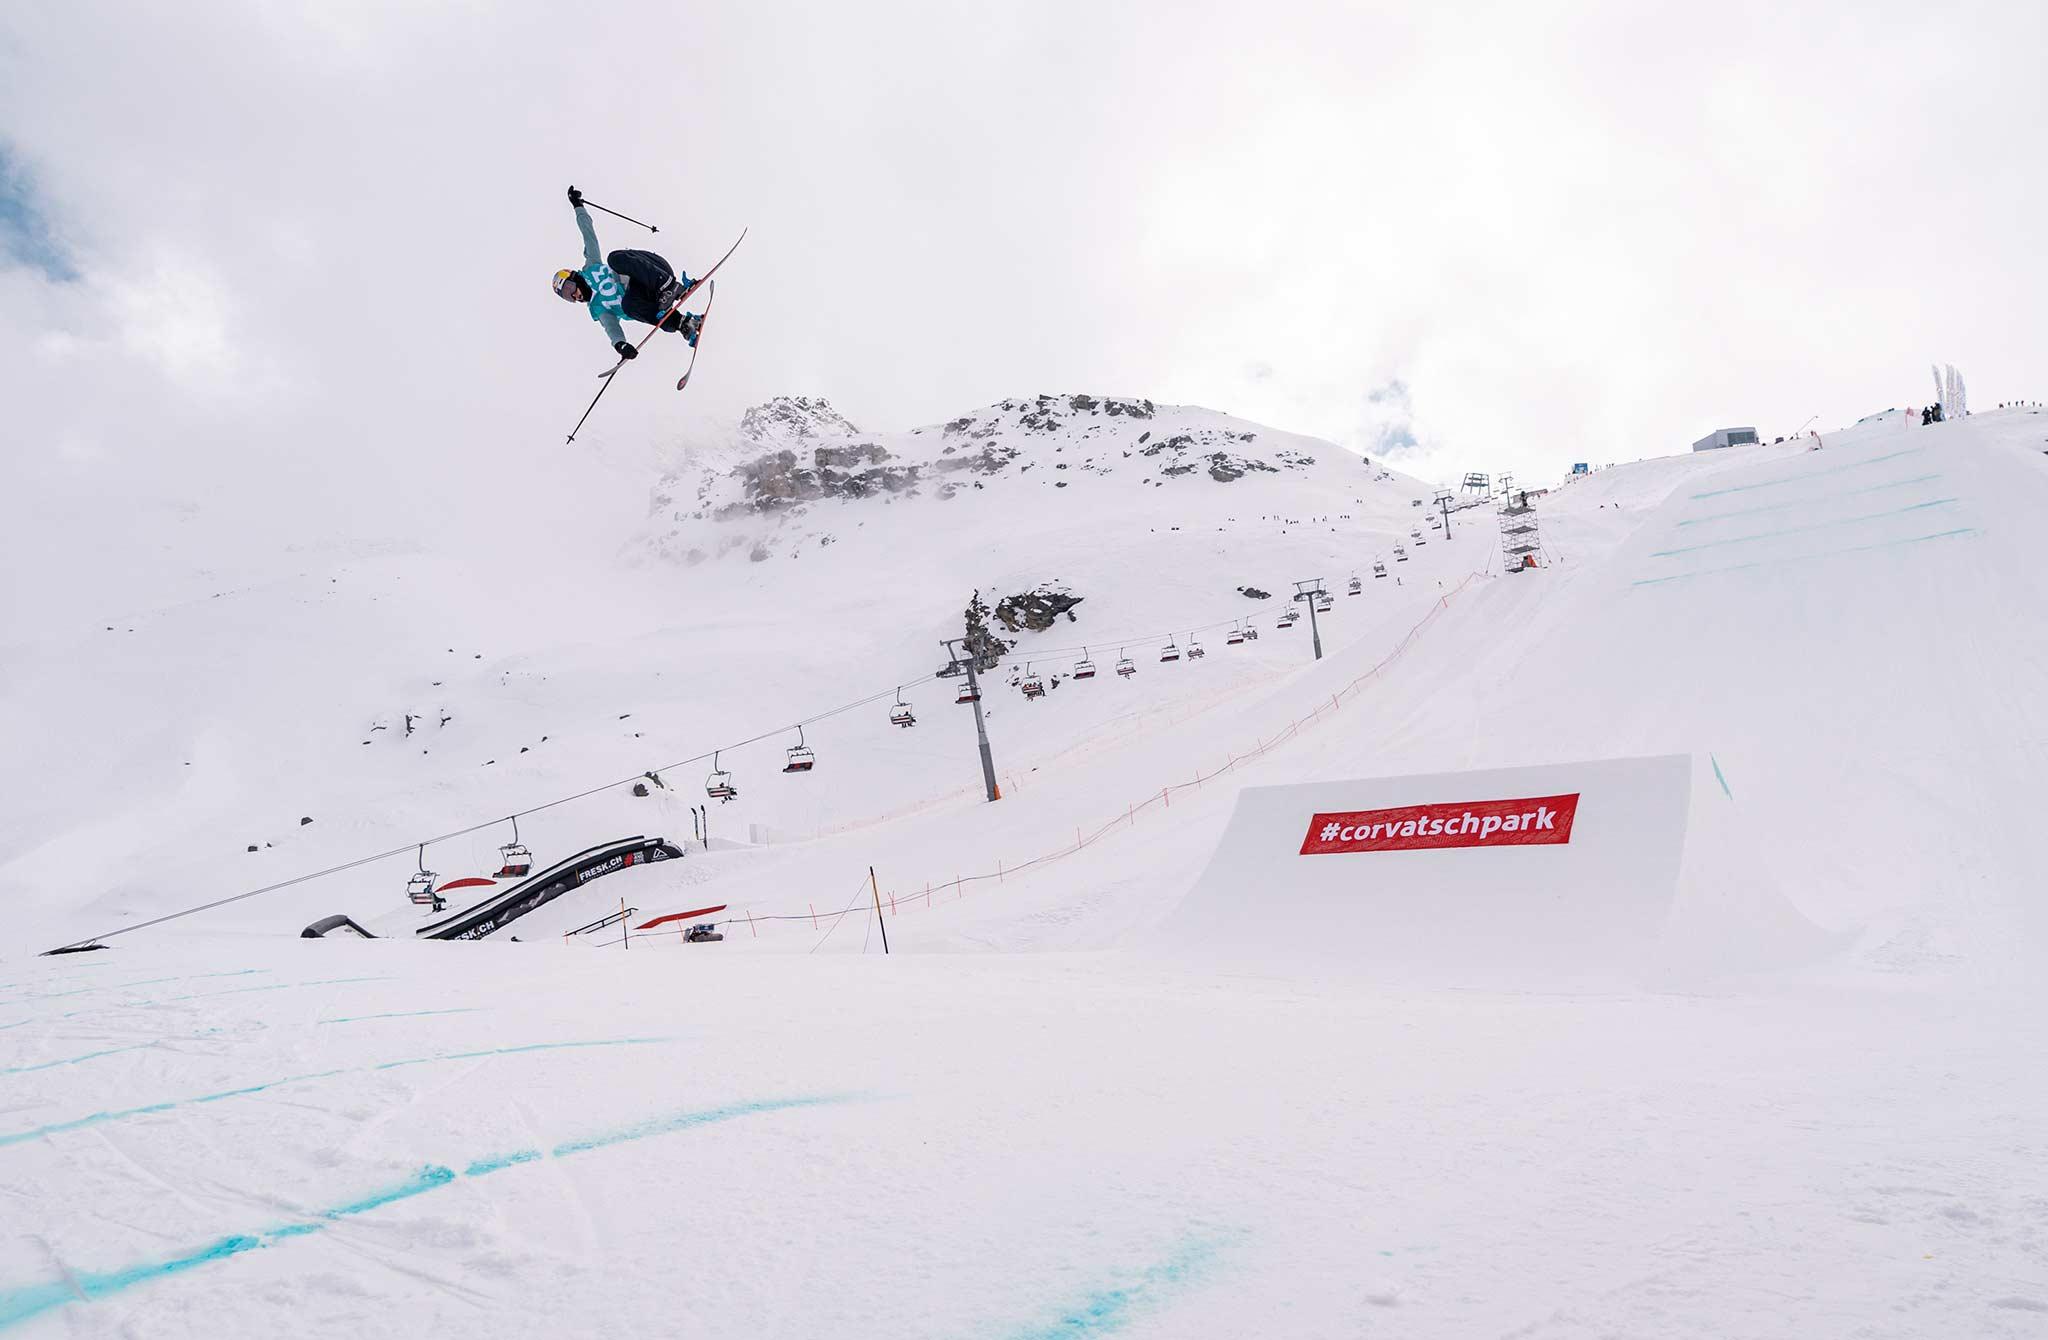 Schnappt sich im letzten Moment Platz 3 beim Corvatsch Freeski World Cup: Mathilde Gremaud aus der Schweiz. - Foto: Filip Zuan